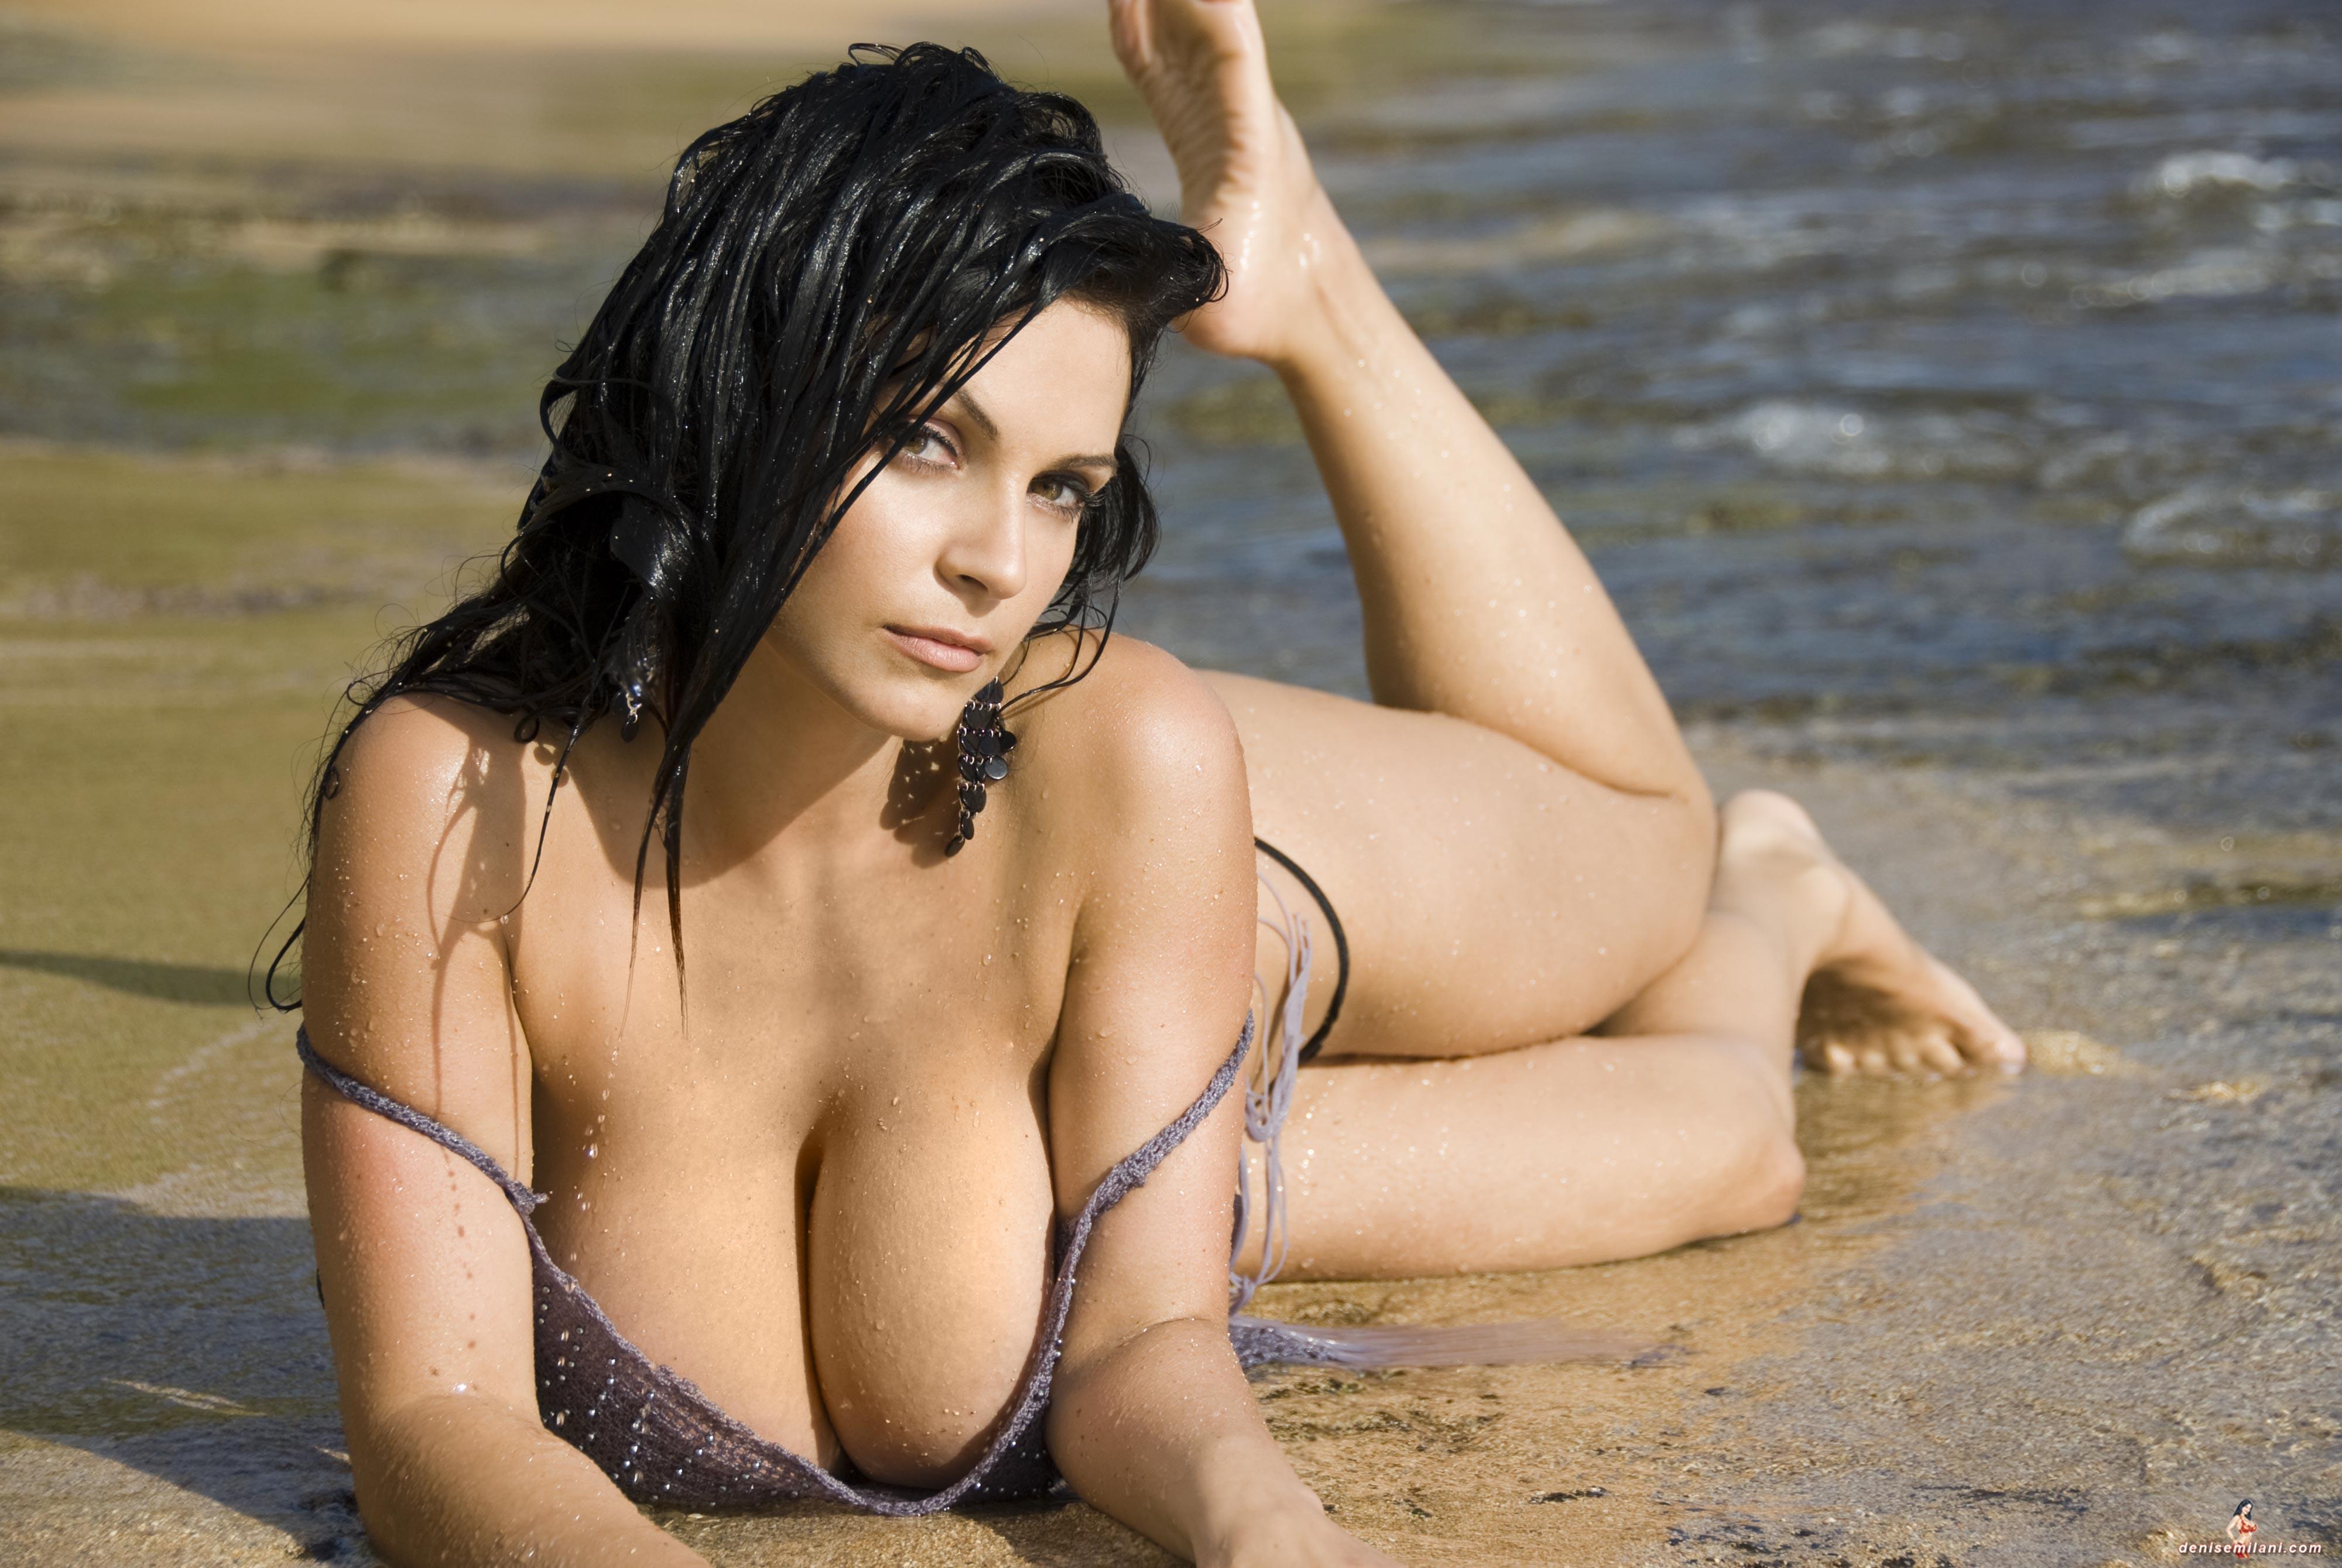 Beach bab nude